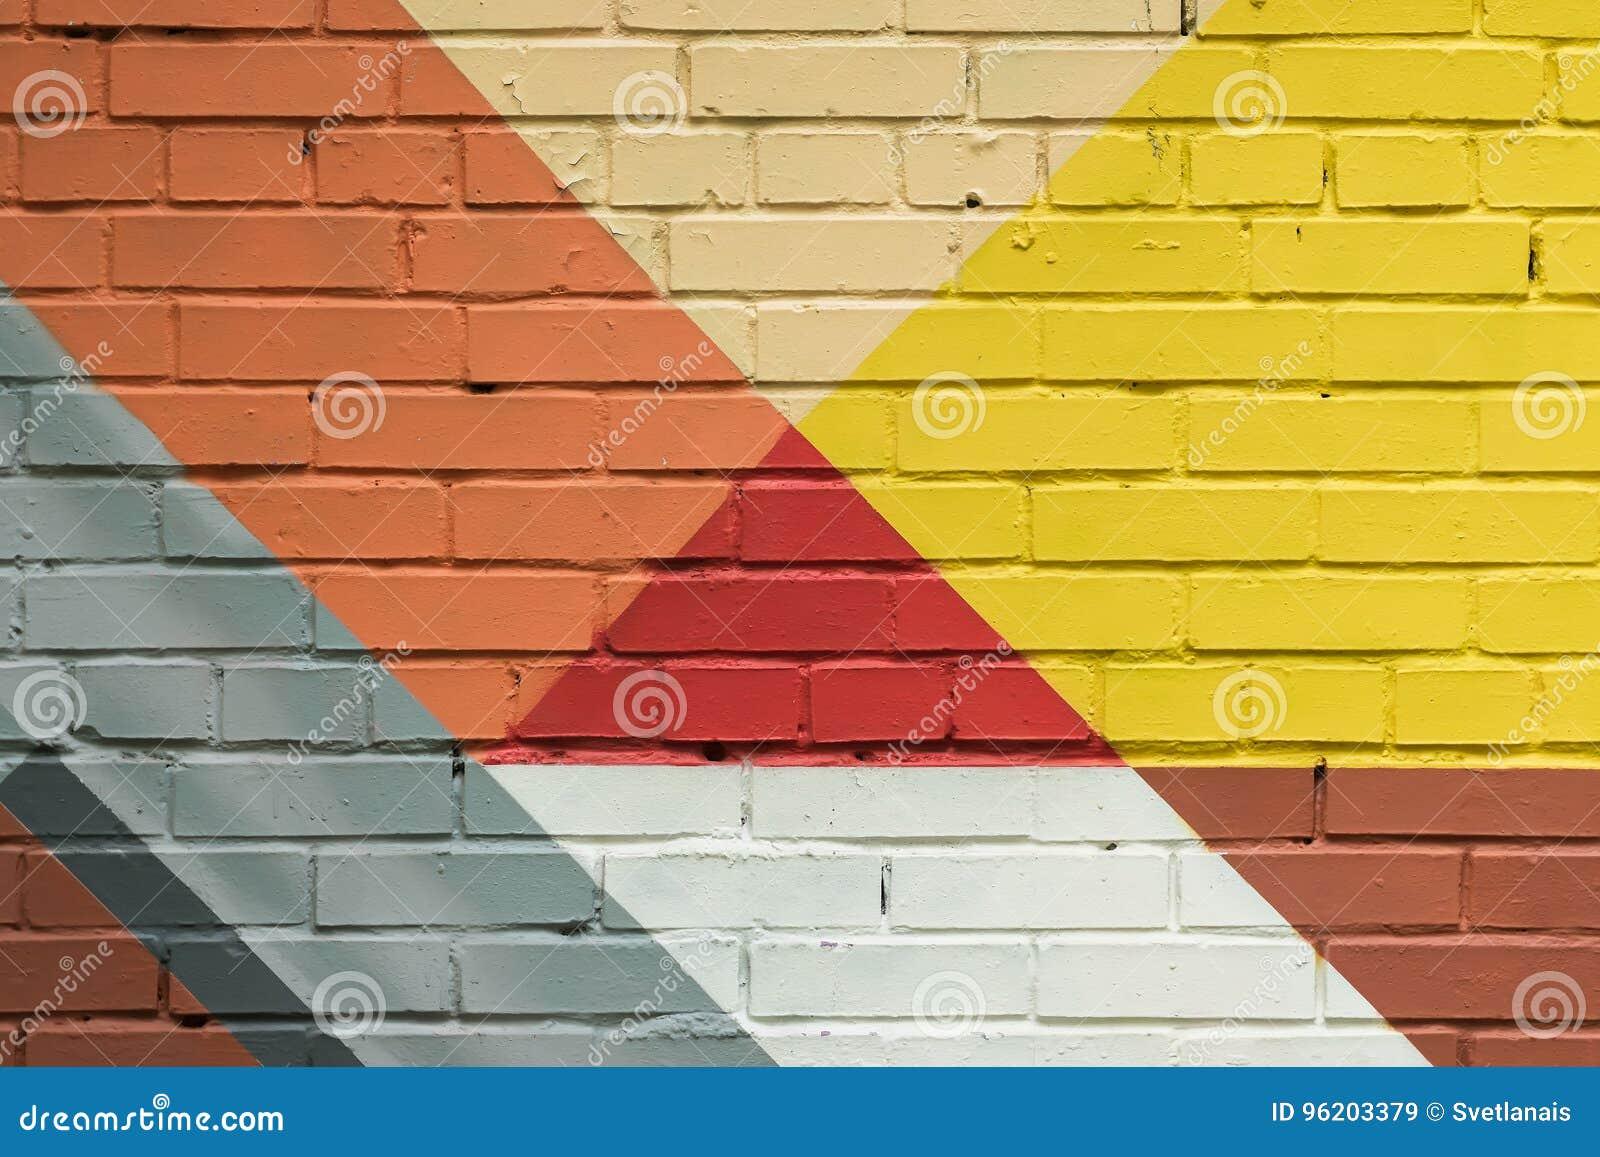 Grafittis abstratos na parede, detalhe muito pequeno Close-up da arte da rua, teste padrão à moda Pode ser útil para fundos